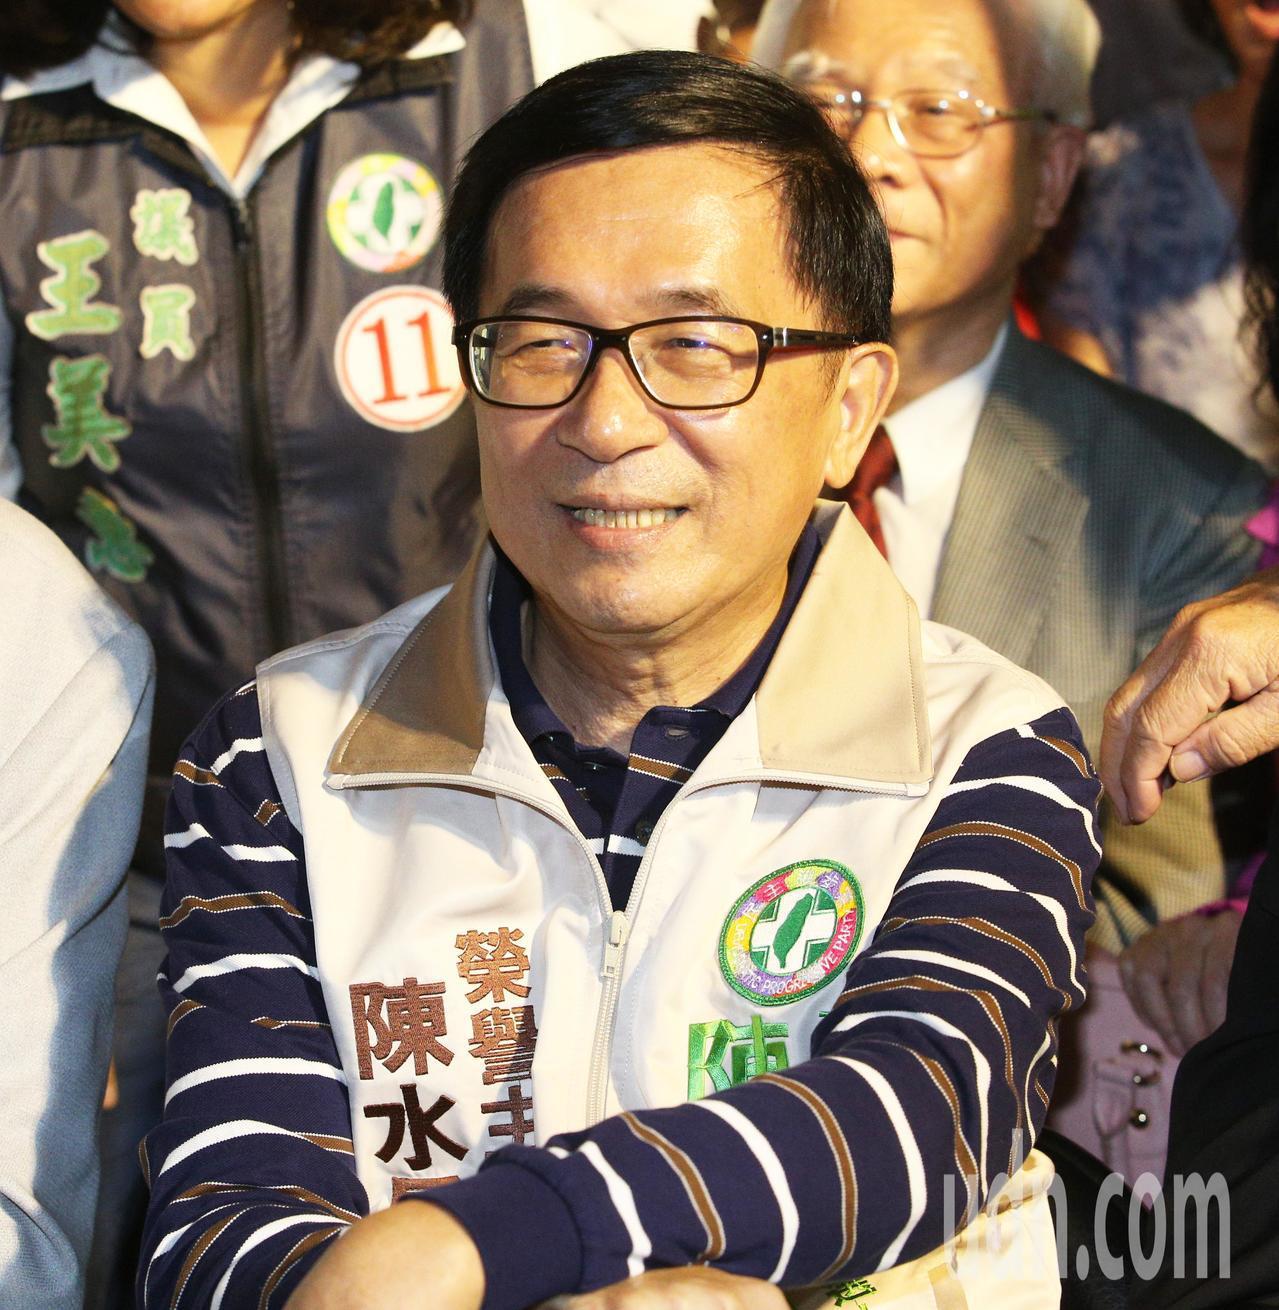 前總統陳水扁(圖)11月11日打算出席「一邊一國連線」為他辦的「受政治迫害十週年...